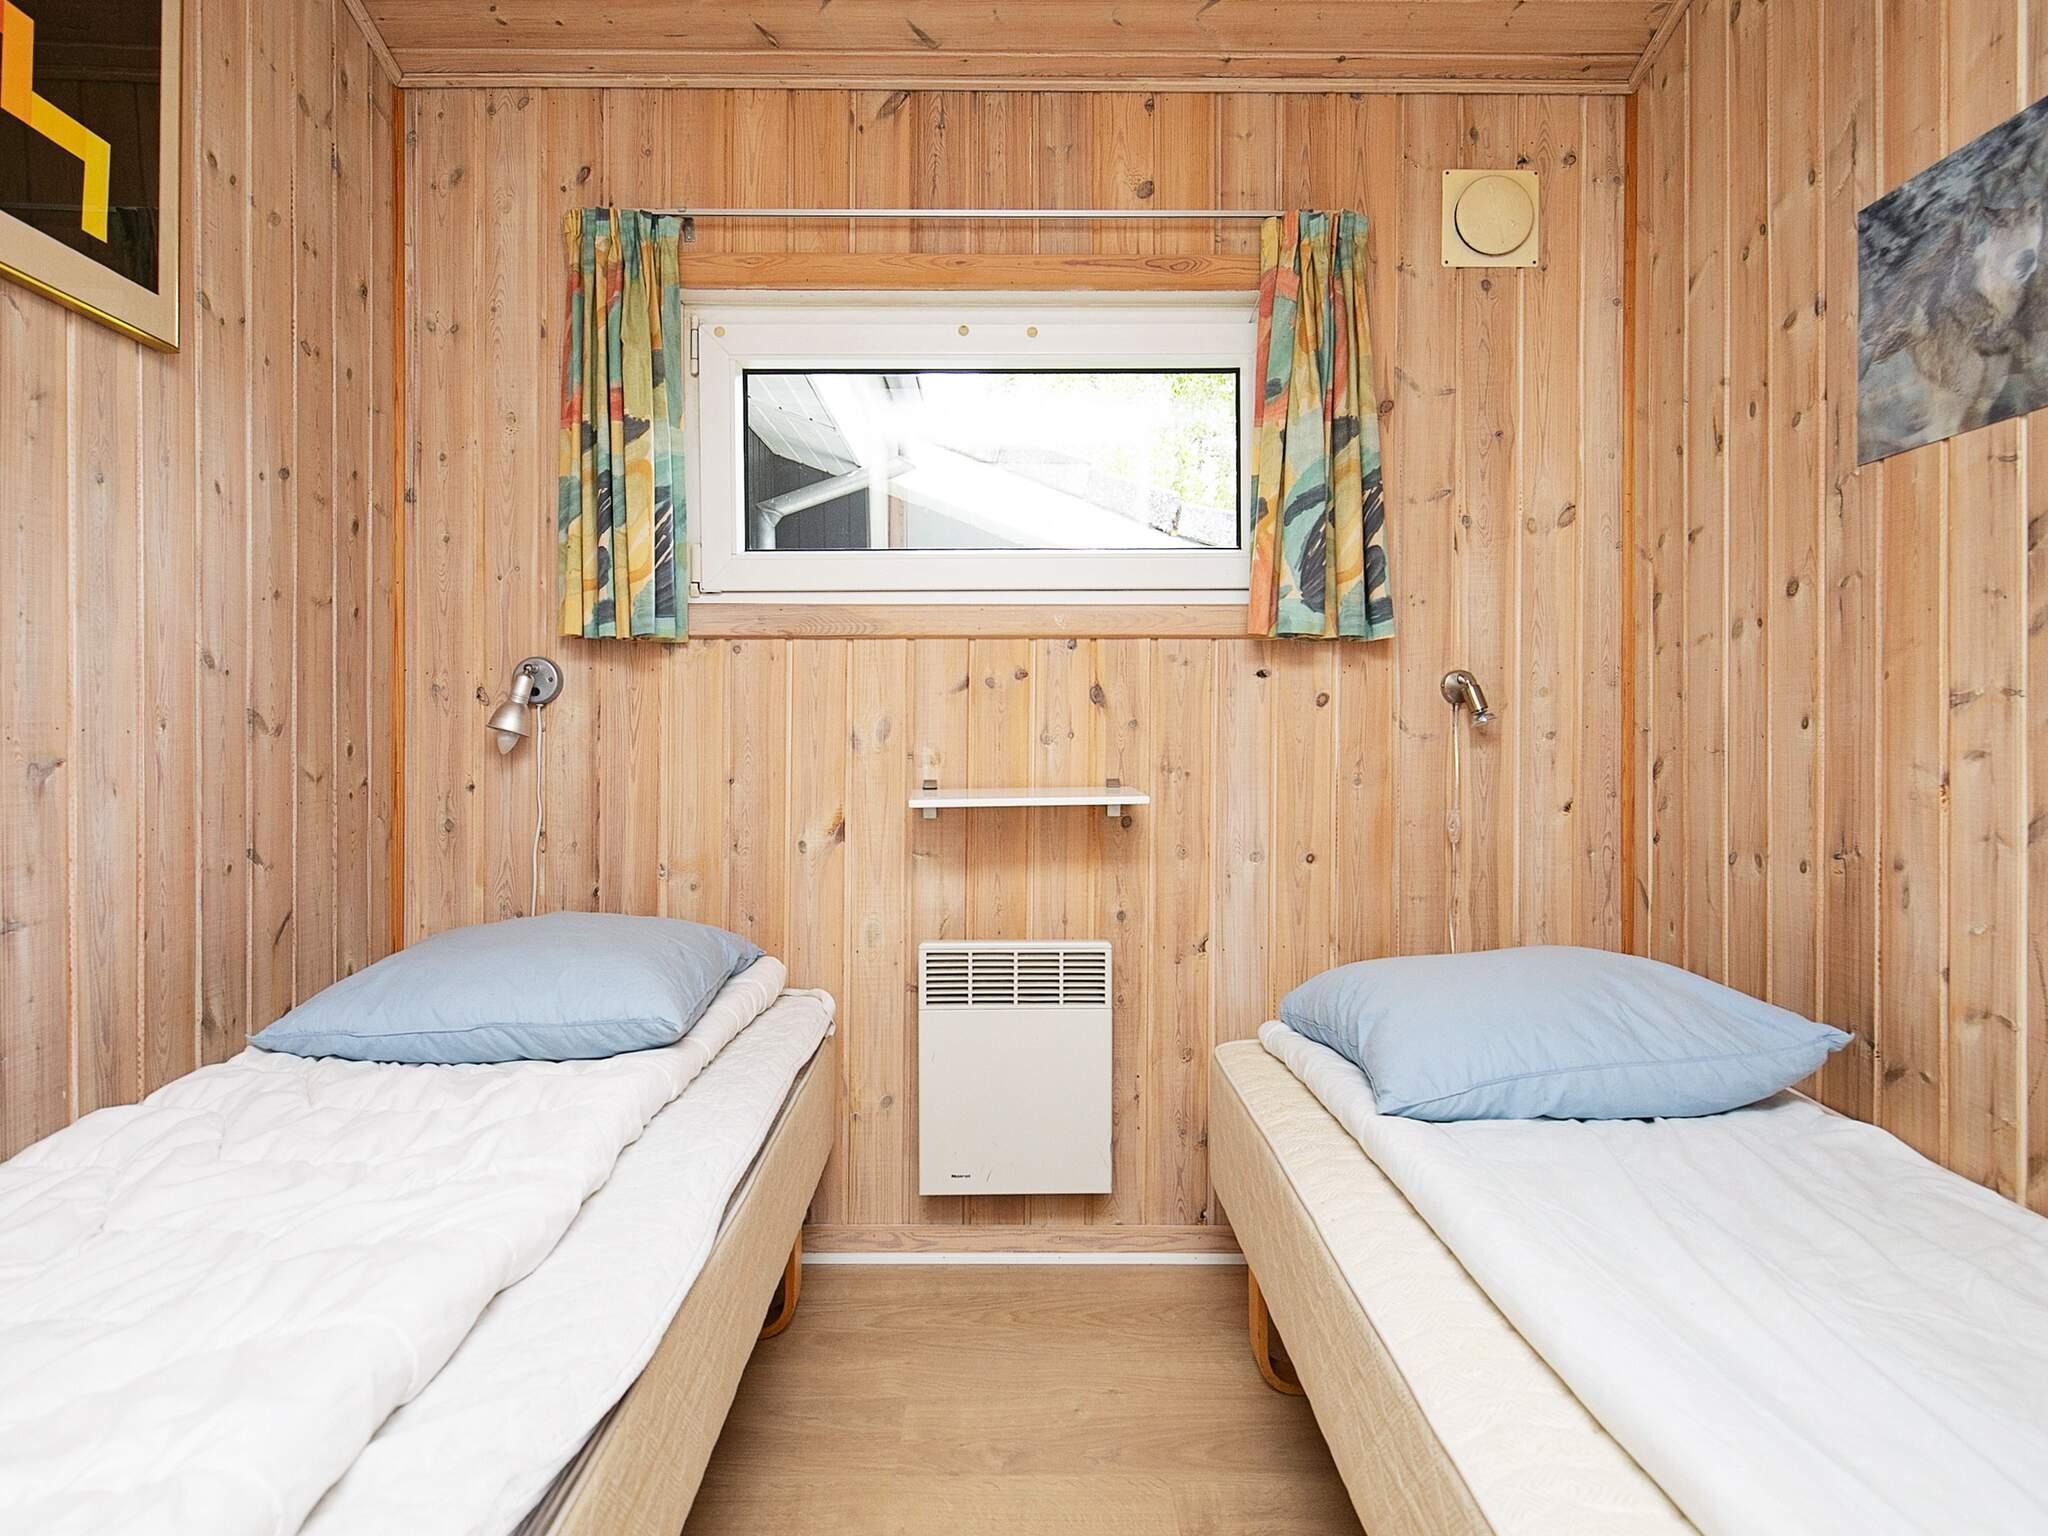 Ferienhaus Marielyst (83562), Marielyst, , Falster, Dänemark, Bild 8